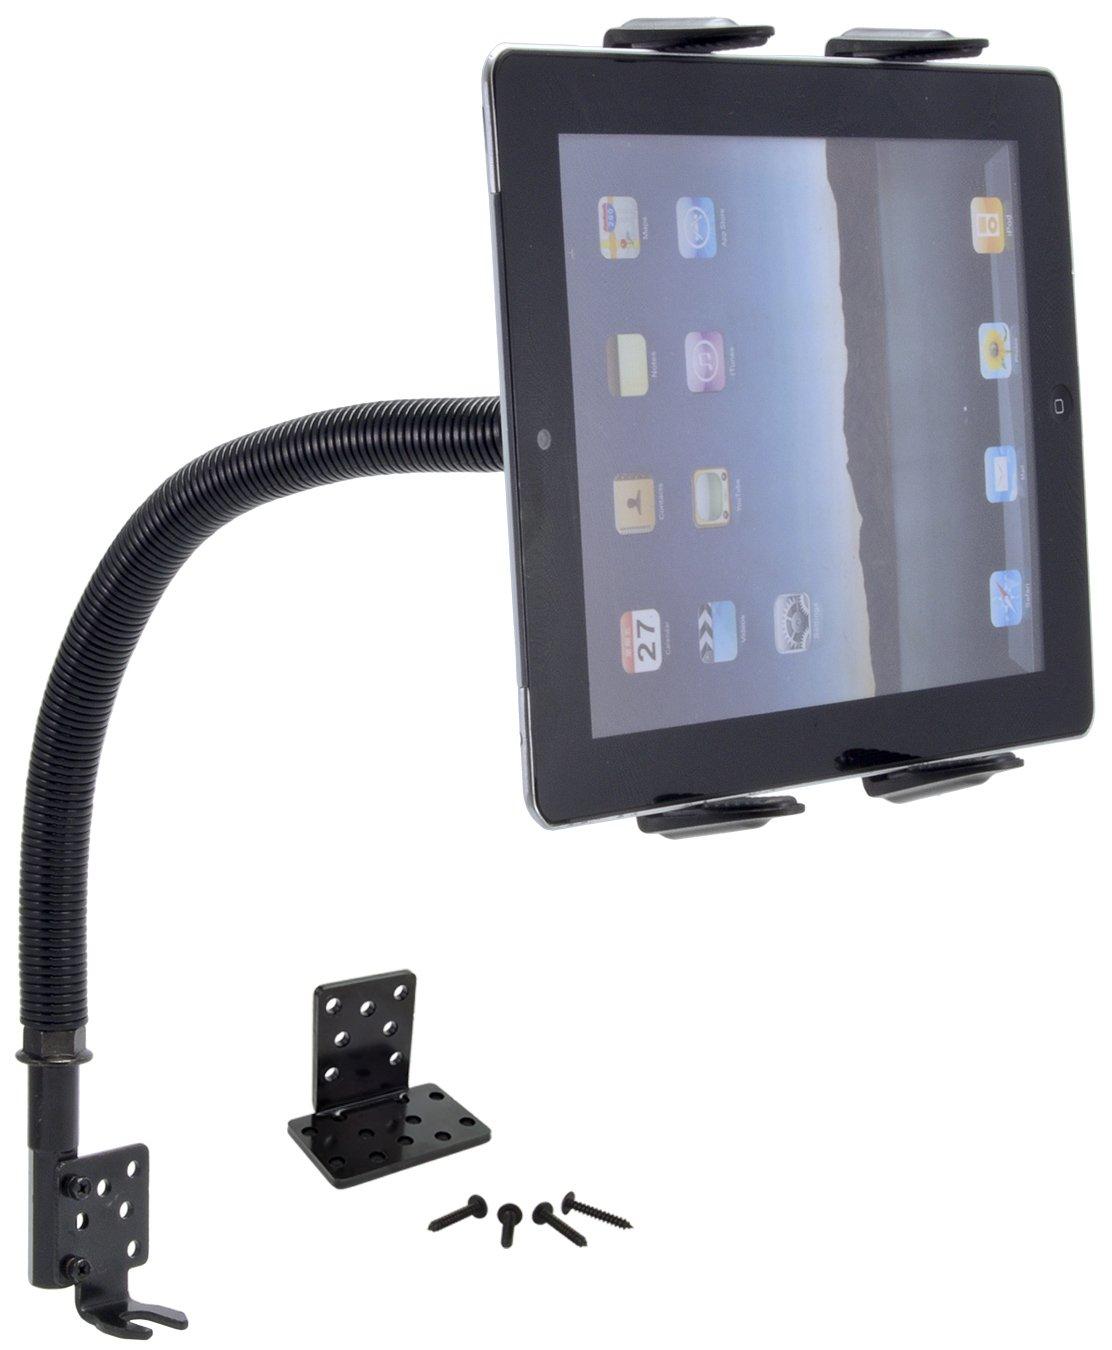 tablet mount options second generation nissan xterra forums 2005. Black Bedroom Furniture Sets. Home Design Ideas